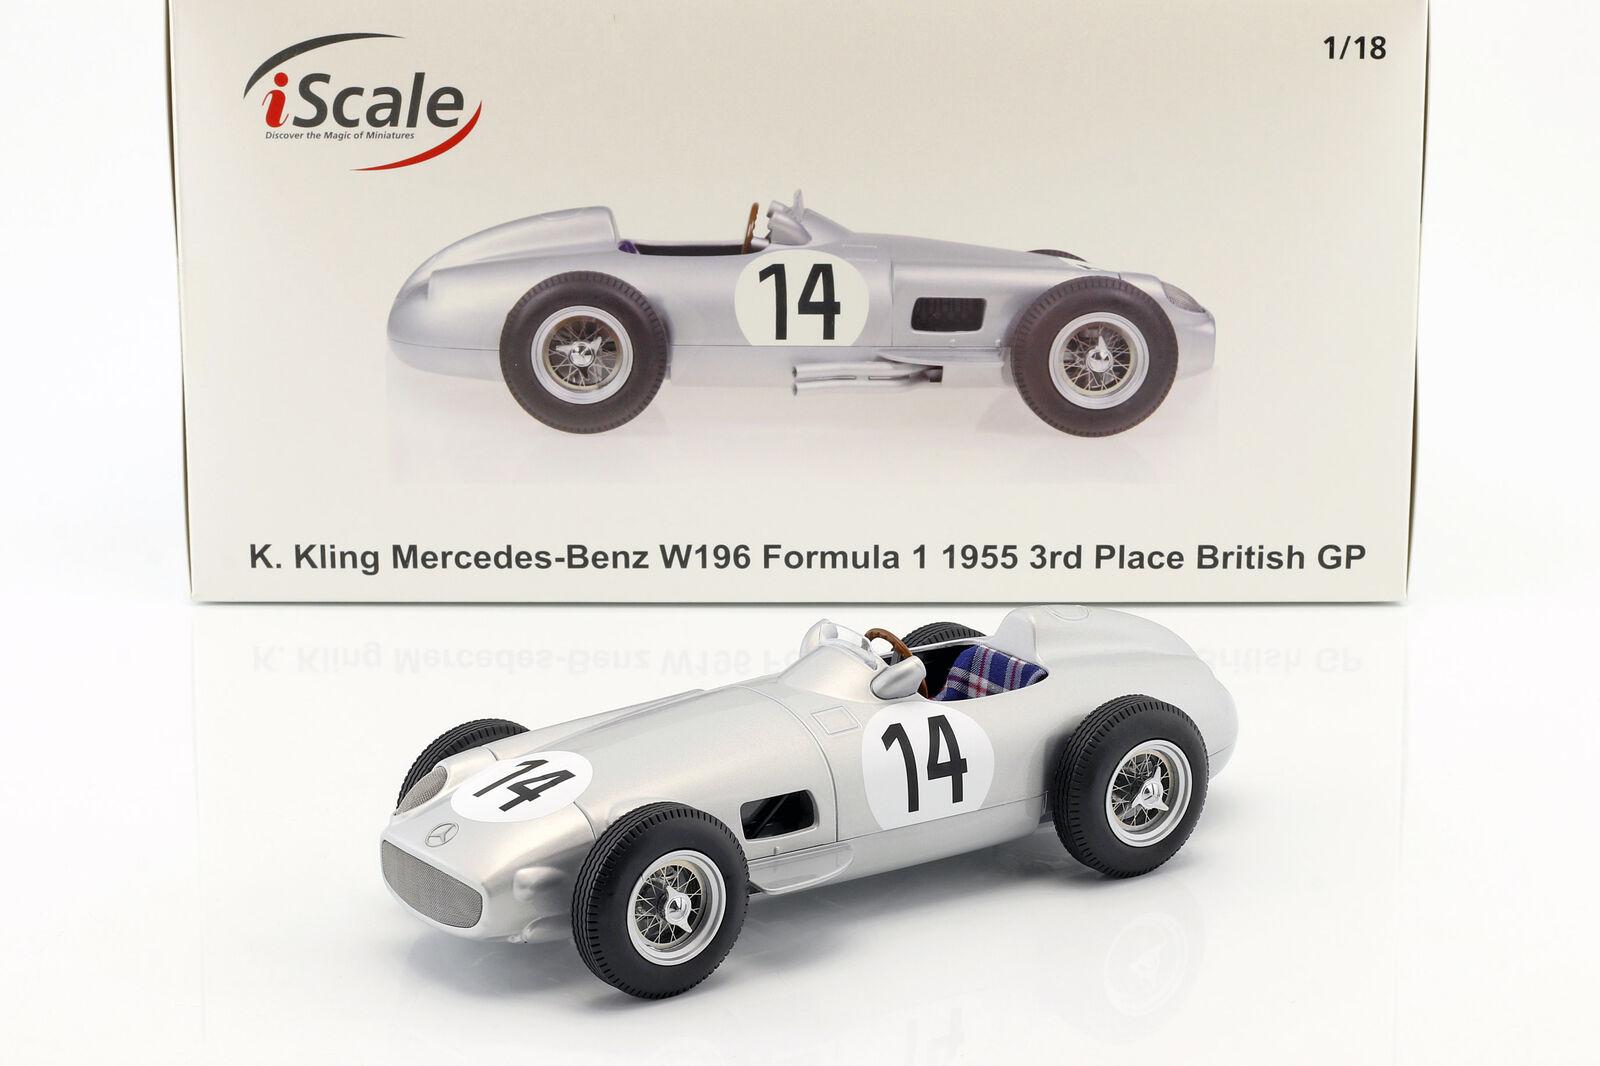 Karl ça Mercedes-Benz w196  14 3rd British GP Formule 1 1955 1 18 iScale